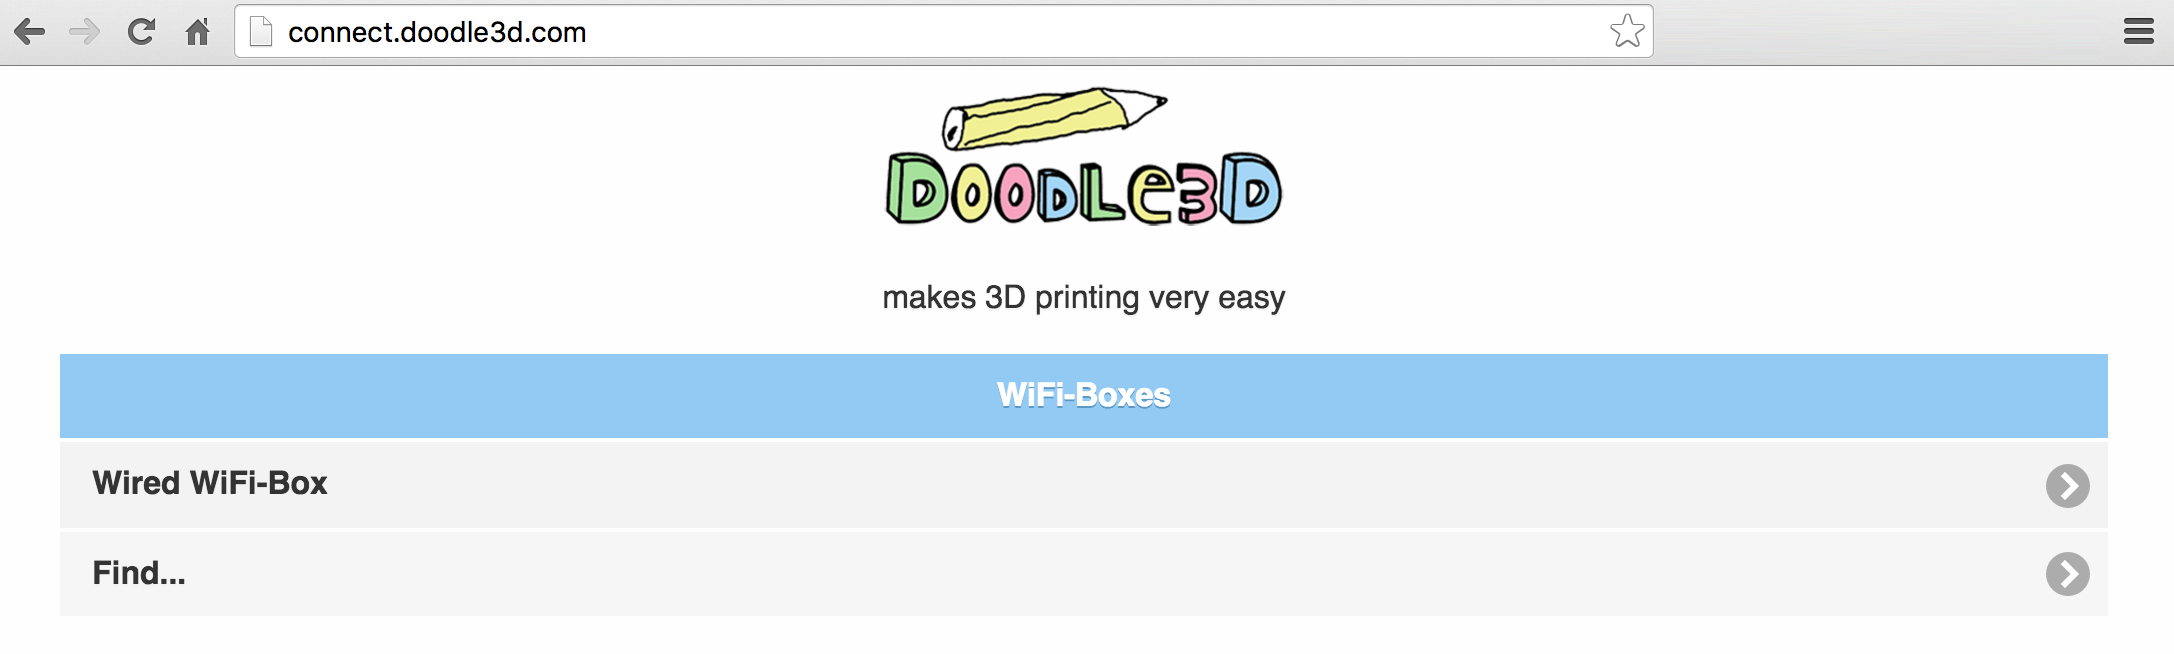 connect.doodle3d.com